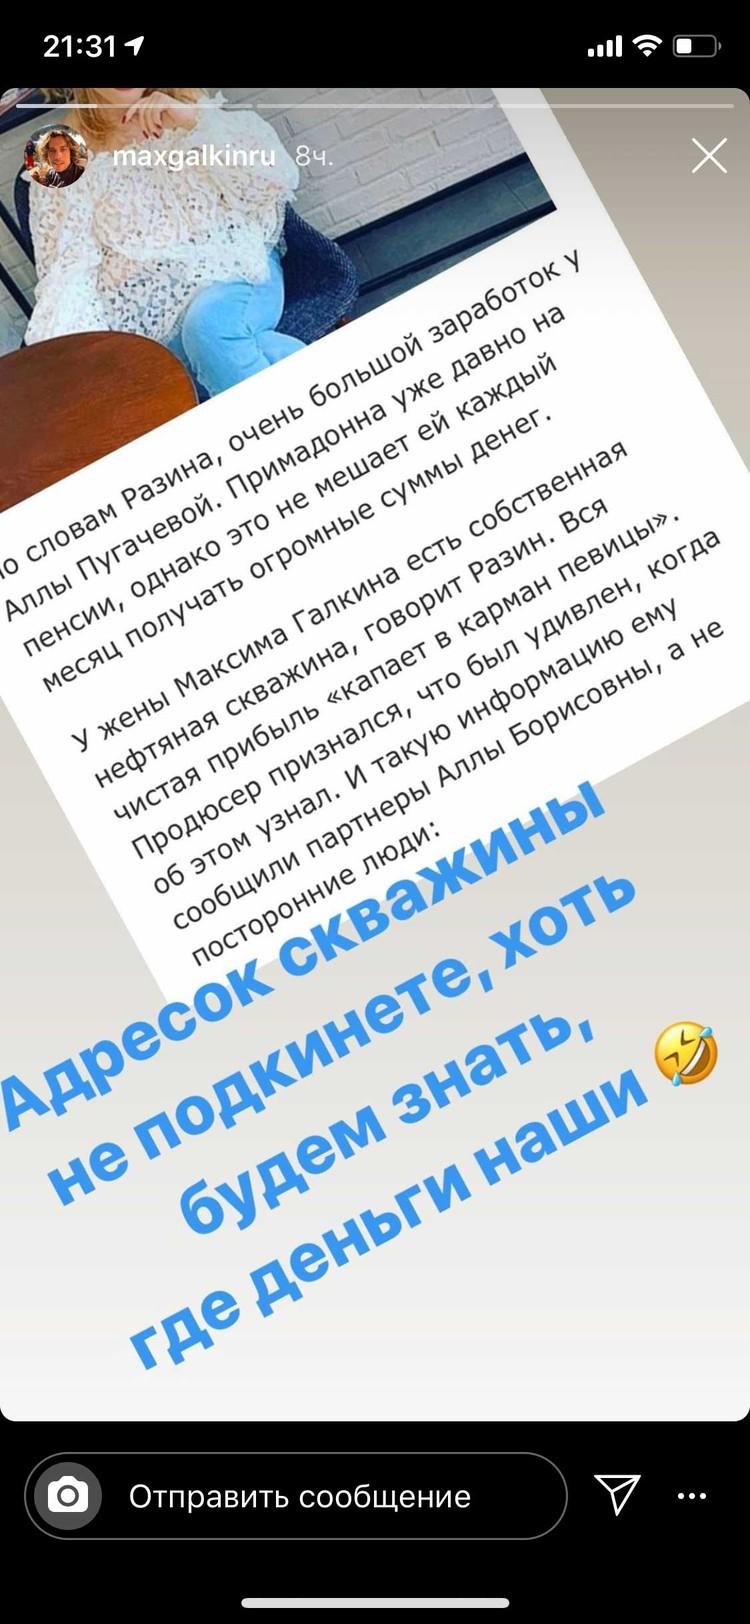 Написал Максим Галкин в ответ на заявление продюсера.